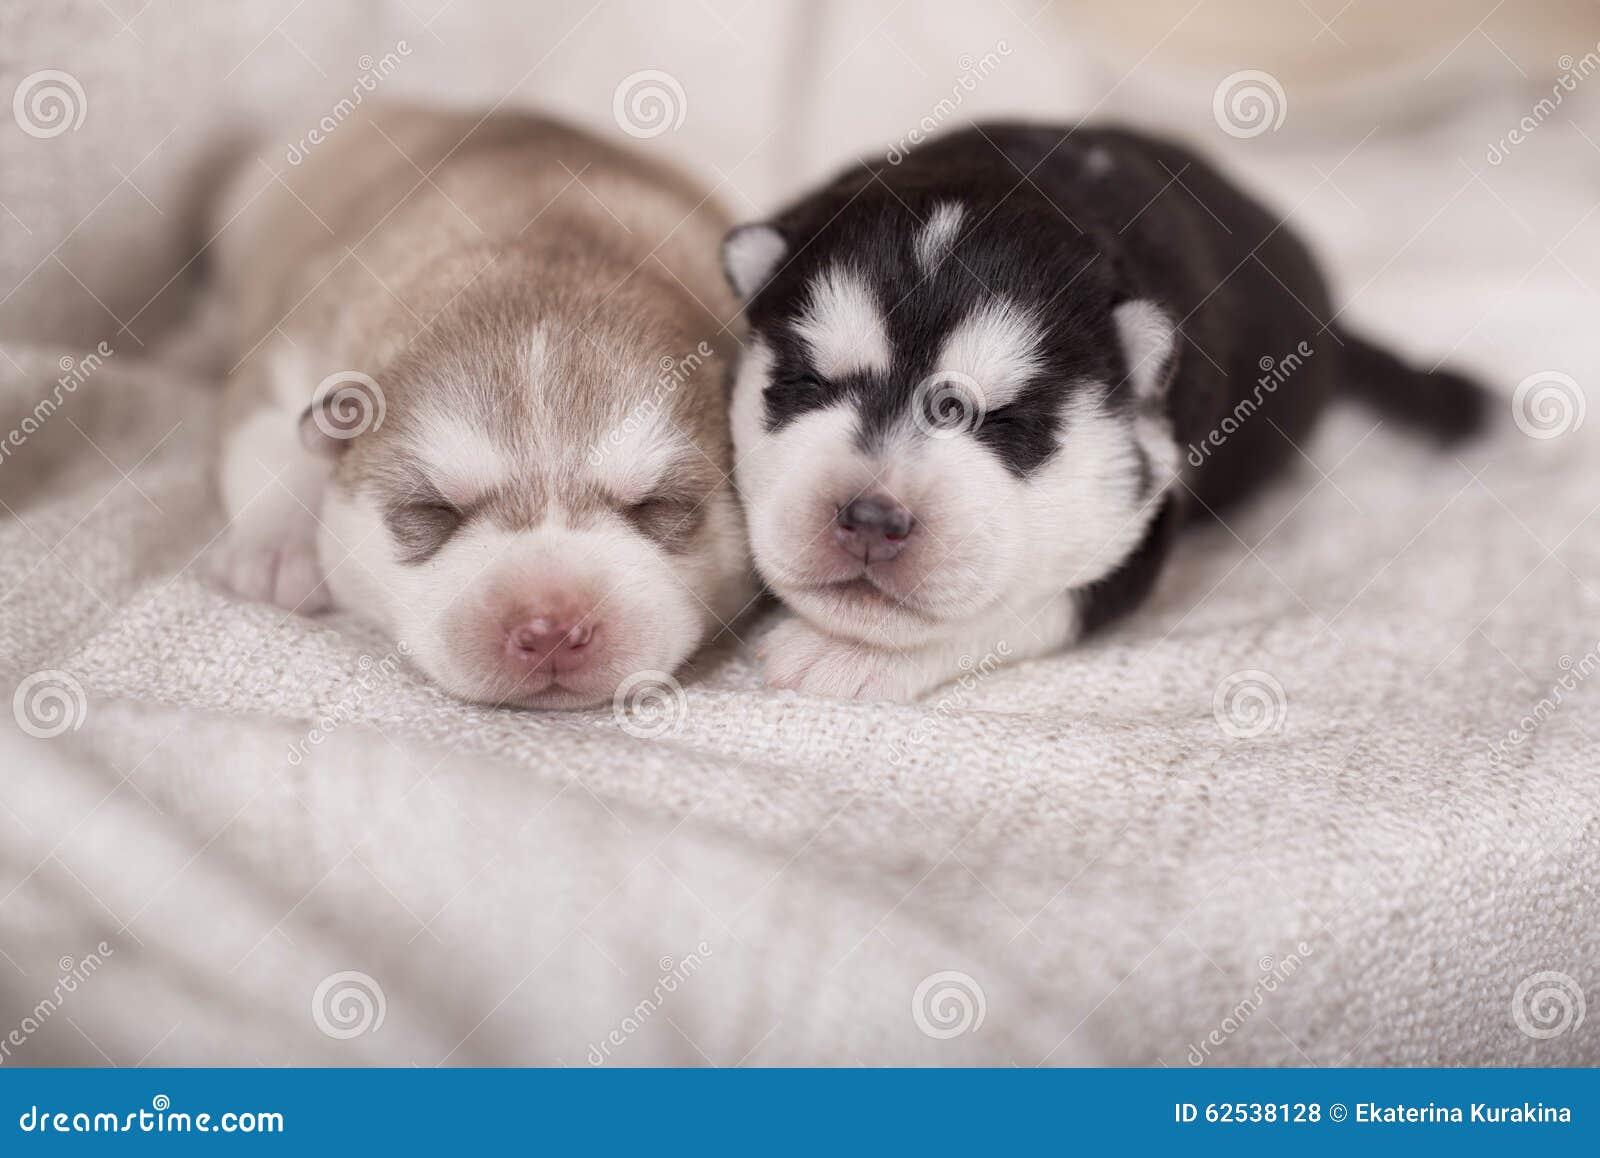 睡觉逗人喜爱的矮小的新出生的爱斯基摩一起说谎和